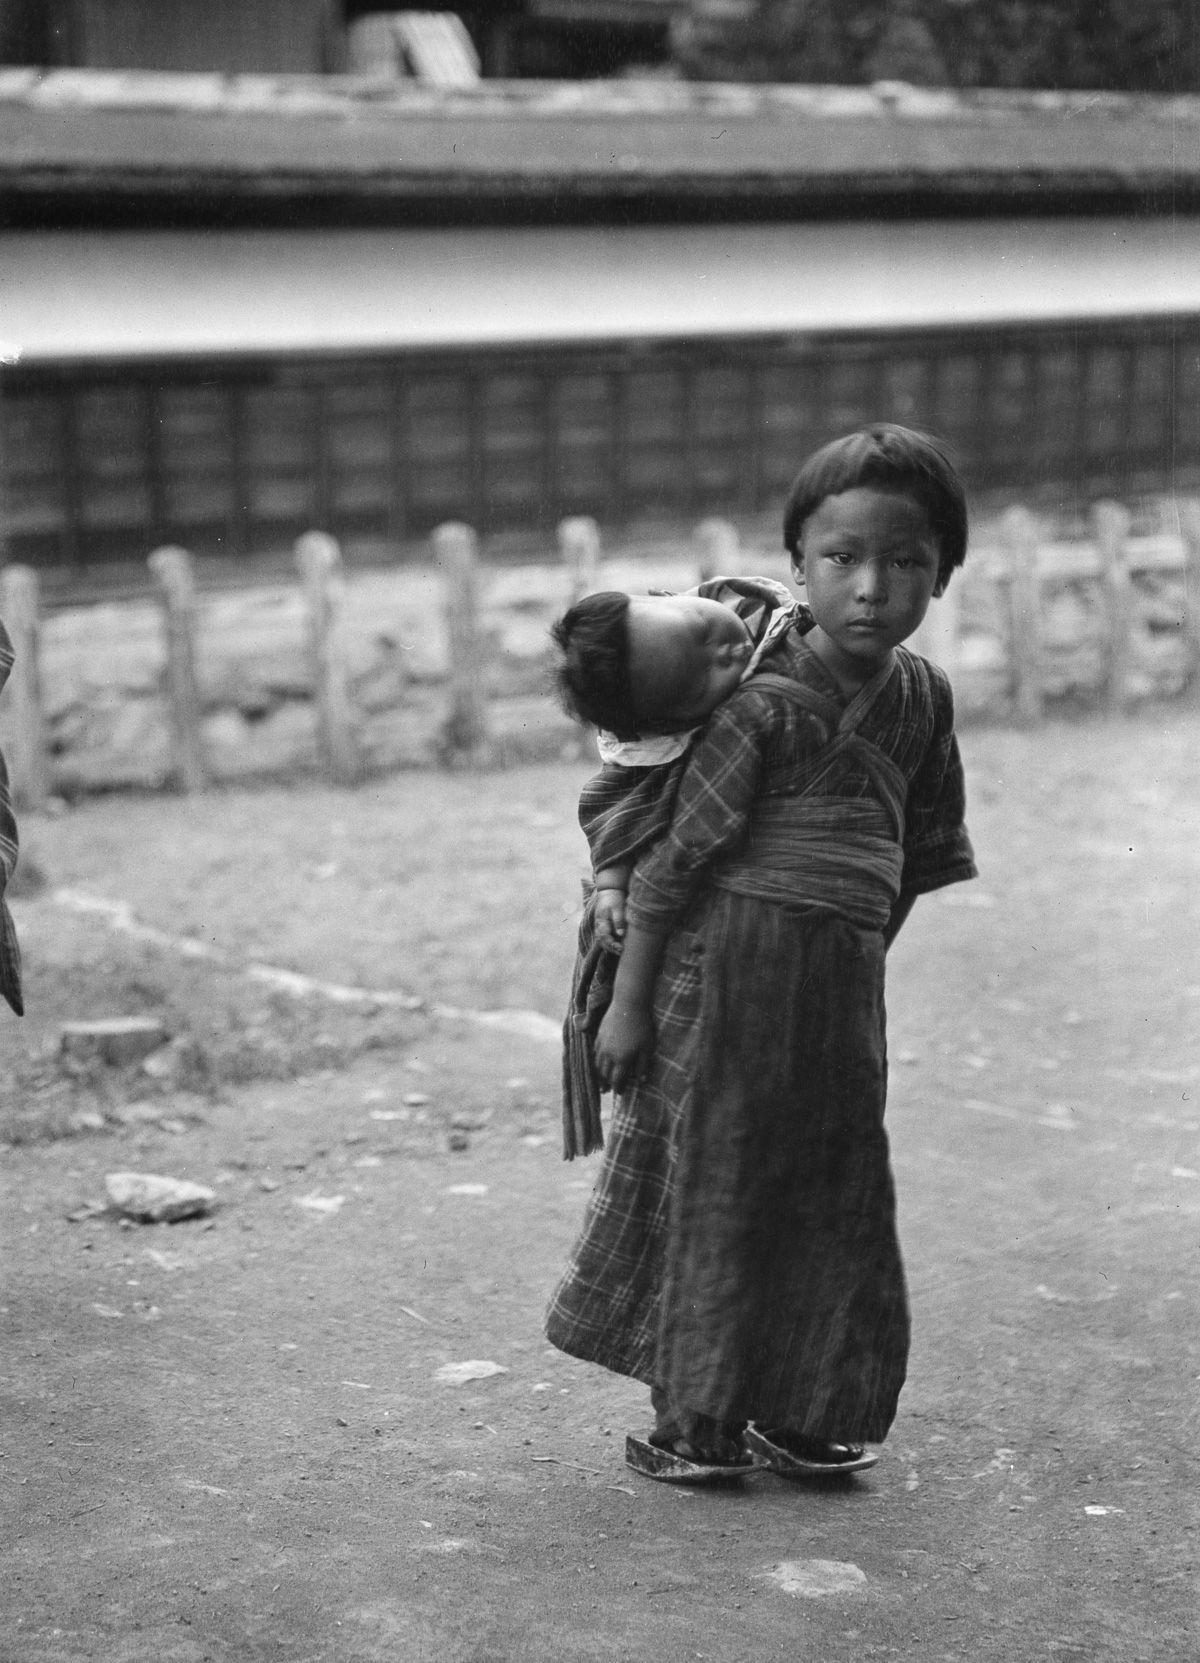 Yaponiya istoricheskie foto Arnold Dzhente 29